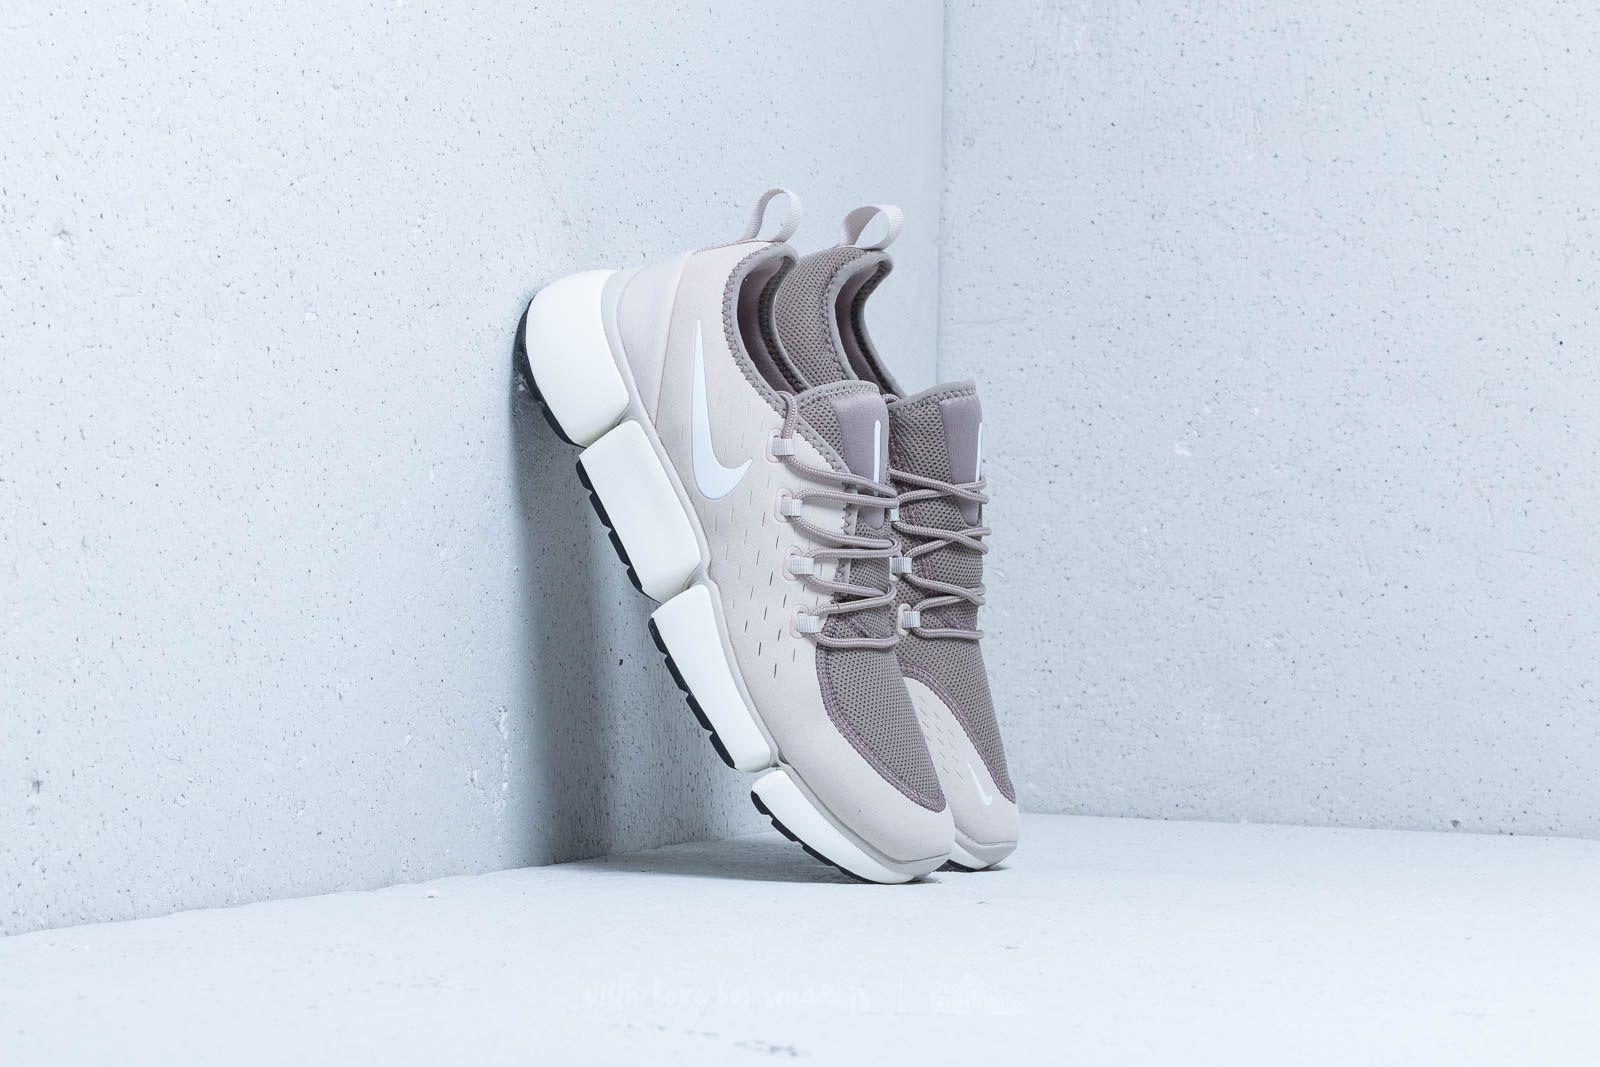 Nike Pocket Fly DM Desert Sand/ White-Sepia Stone za skvělou cenu 2 090 Kč koupíte na Footshop.cz